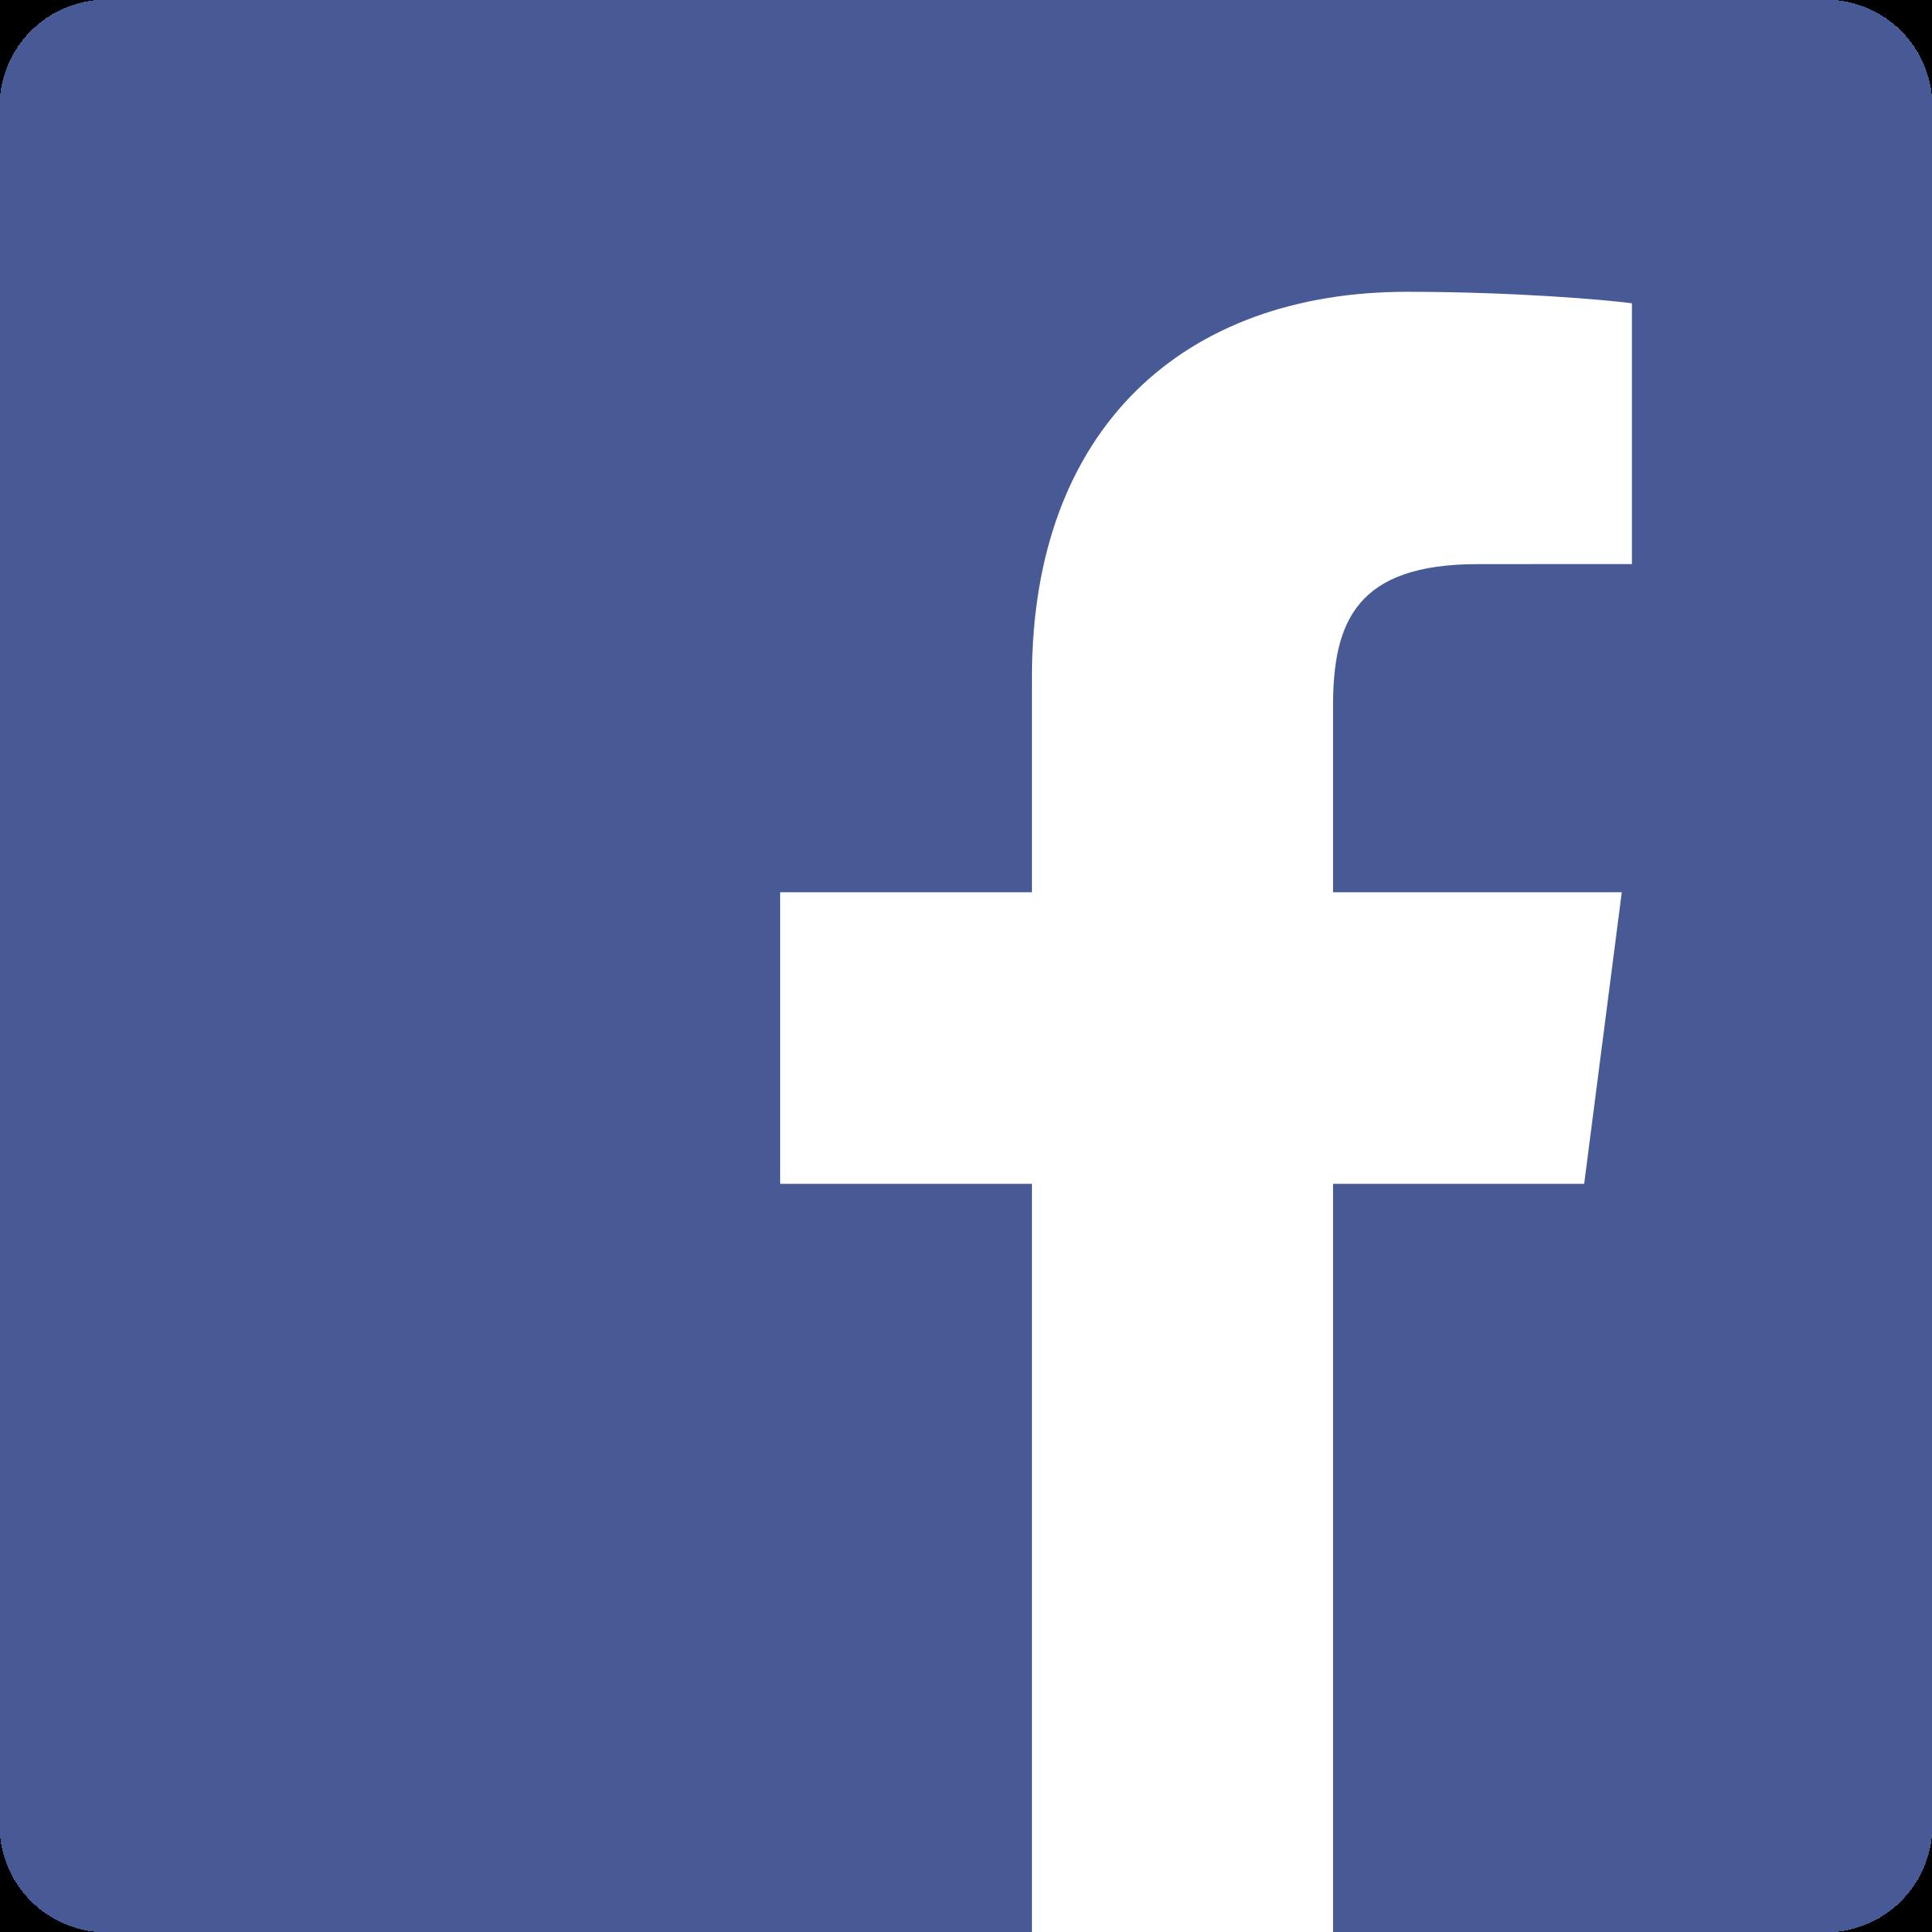 facebook.com/rokobaldai